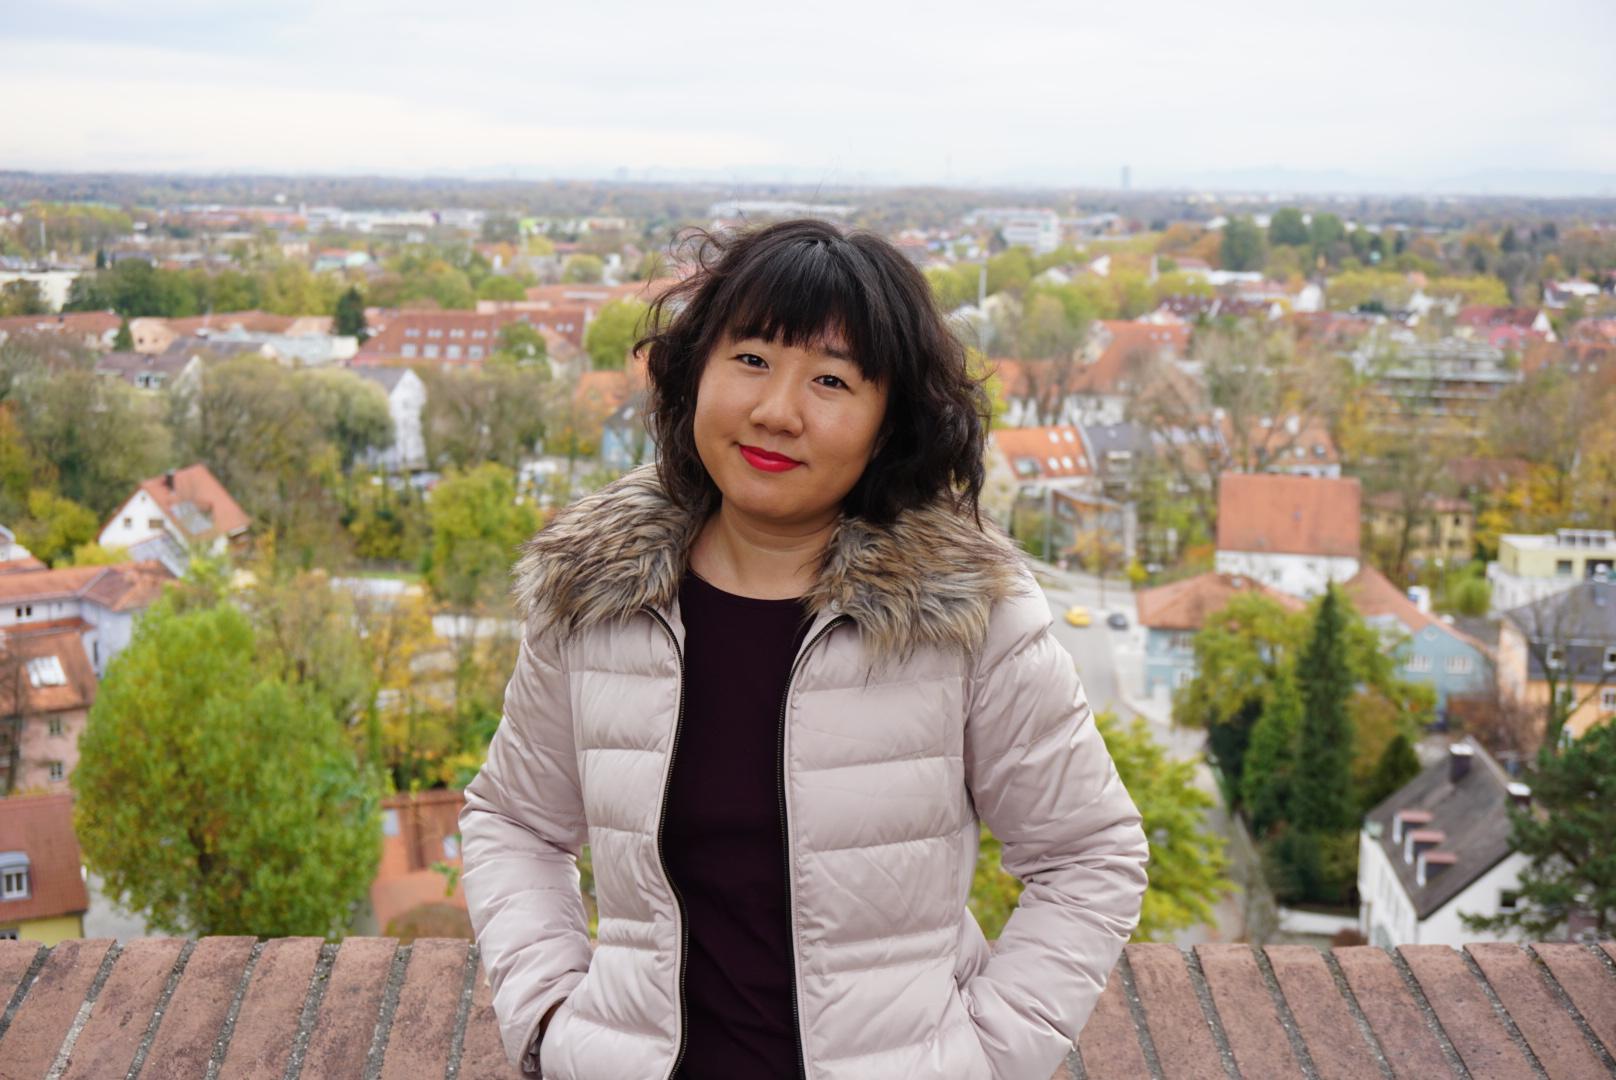 Shuqi Jiang